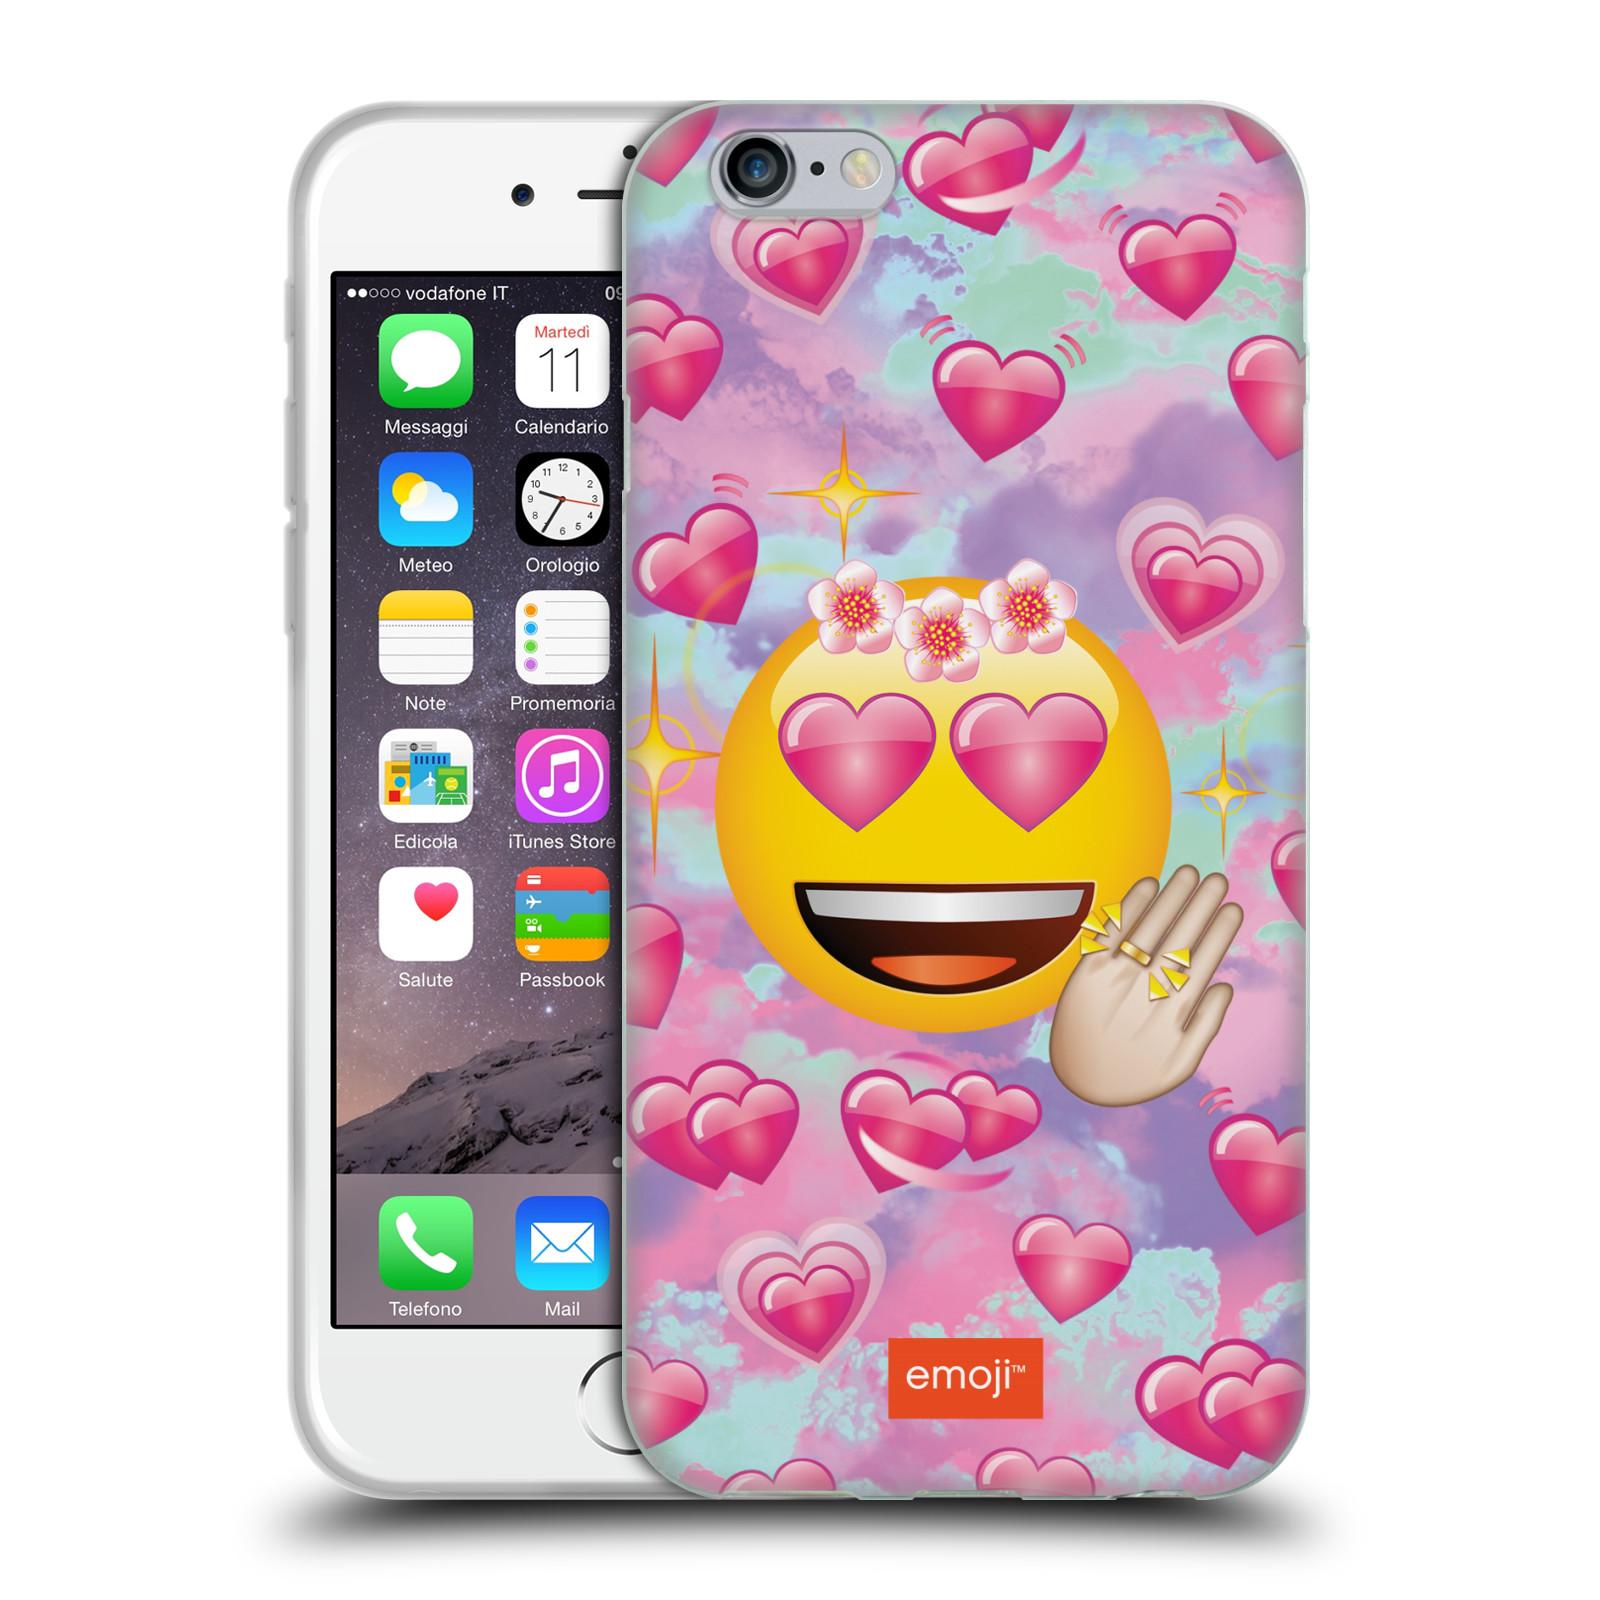 HEAD CASE silikonový obal na mobil Apple Iphone 6 6S smajlík oficiální kryt  EMOJI velký smajlík růžová srdíčka 7a0d118a3ba